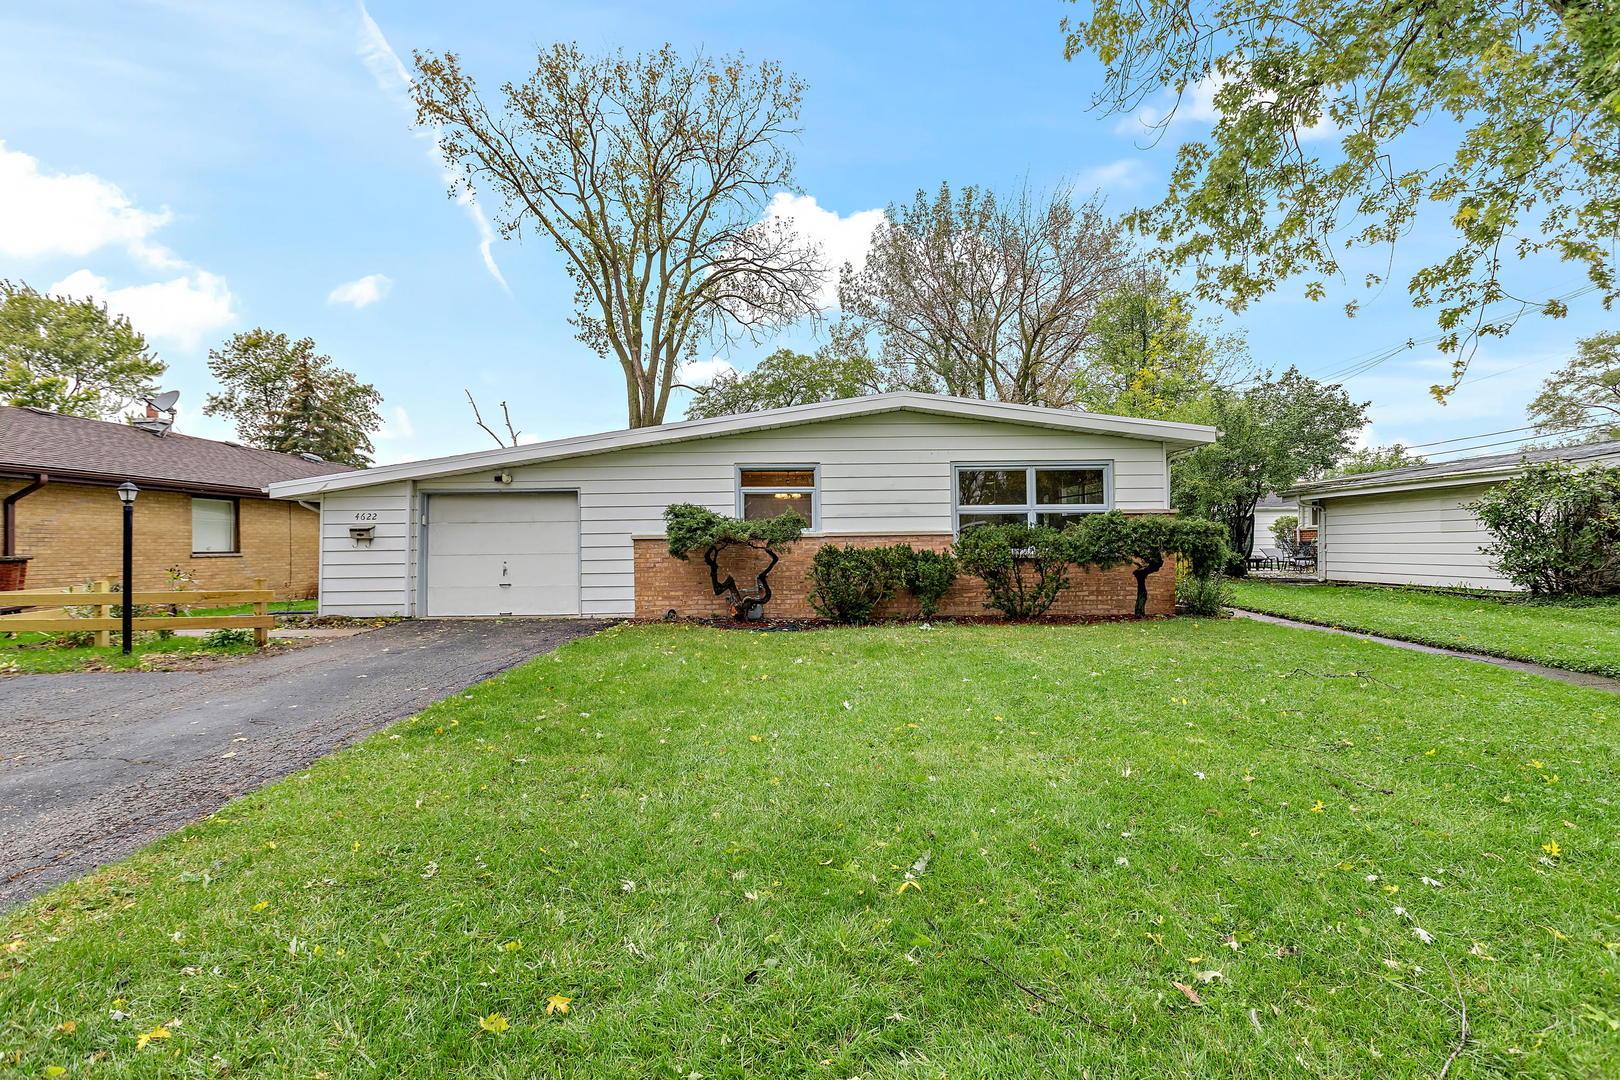 4622 Larch Avenue, Glenview, IL 60025